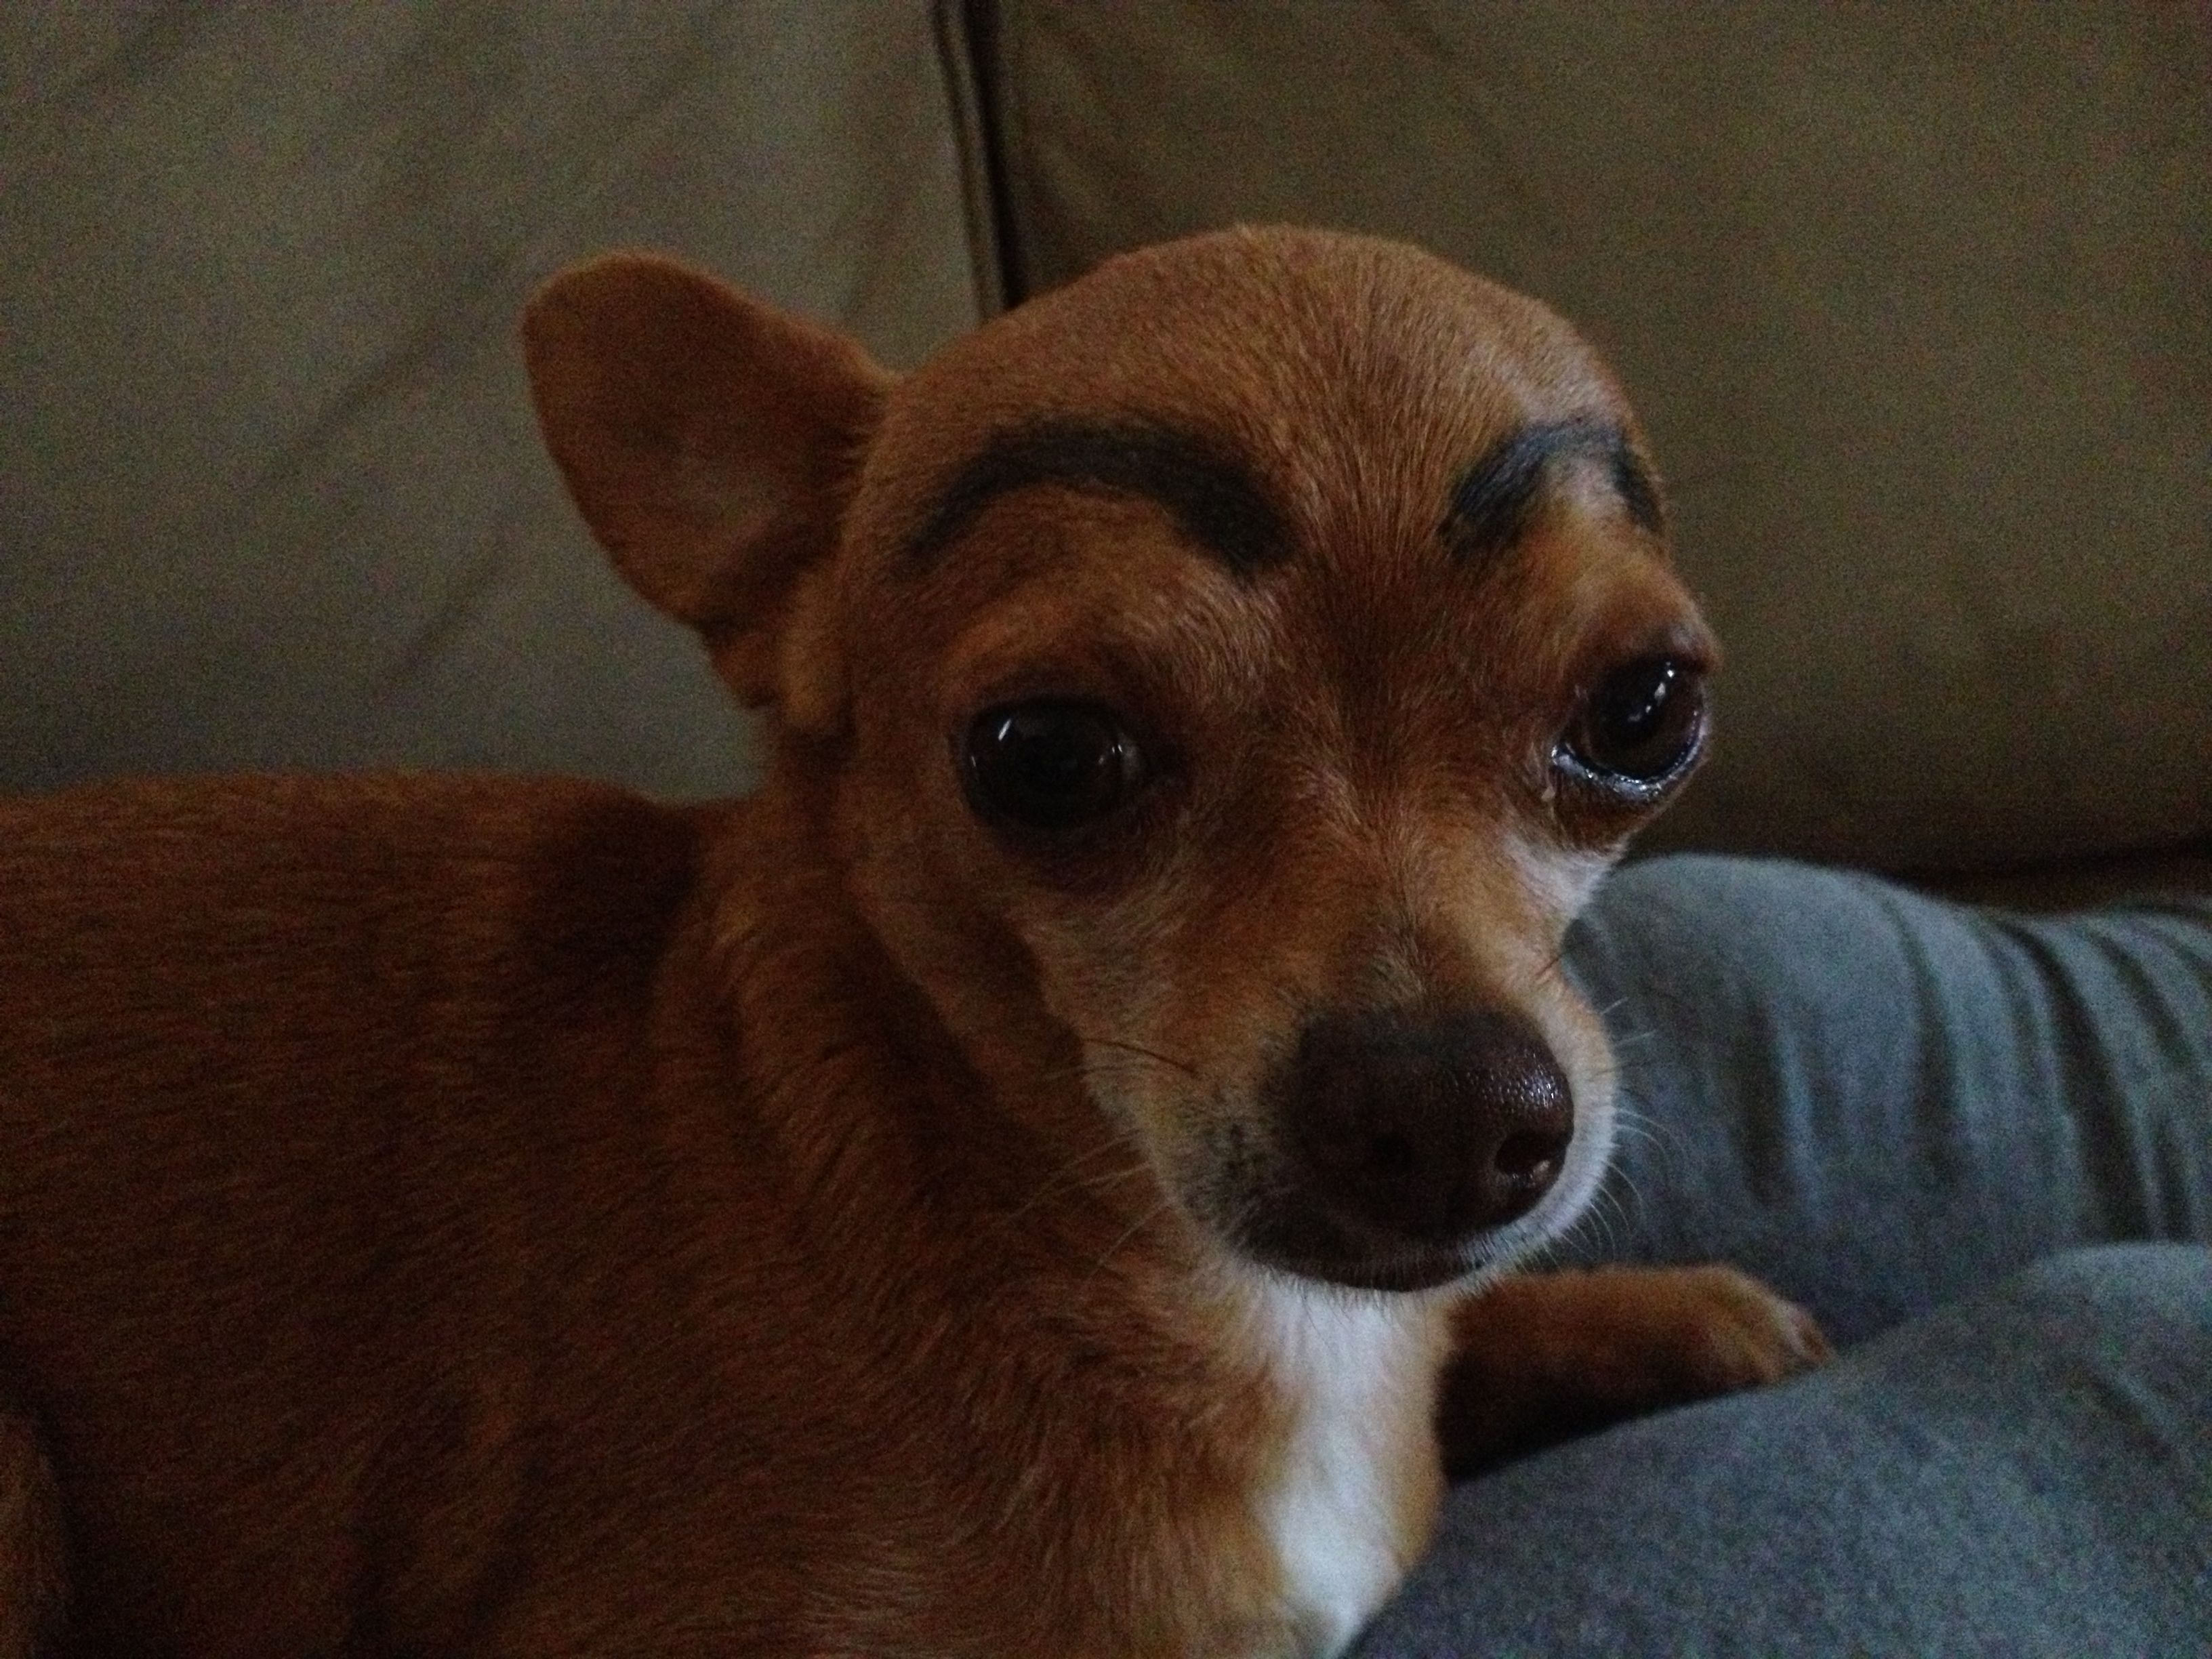 Cuidados Para Las Pestanas The Beauty Effect Memes De Perros Chihuahua Memes Divertidos Sobre Perros Memes Divertidos